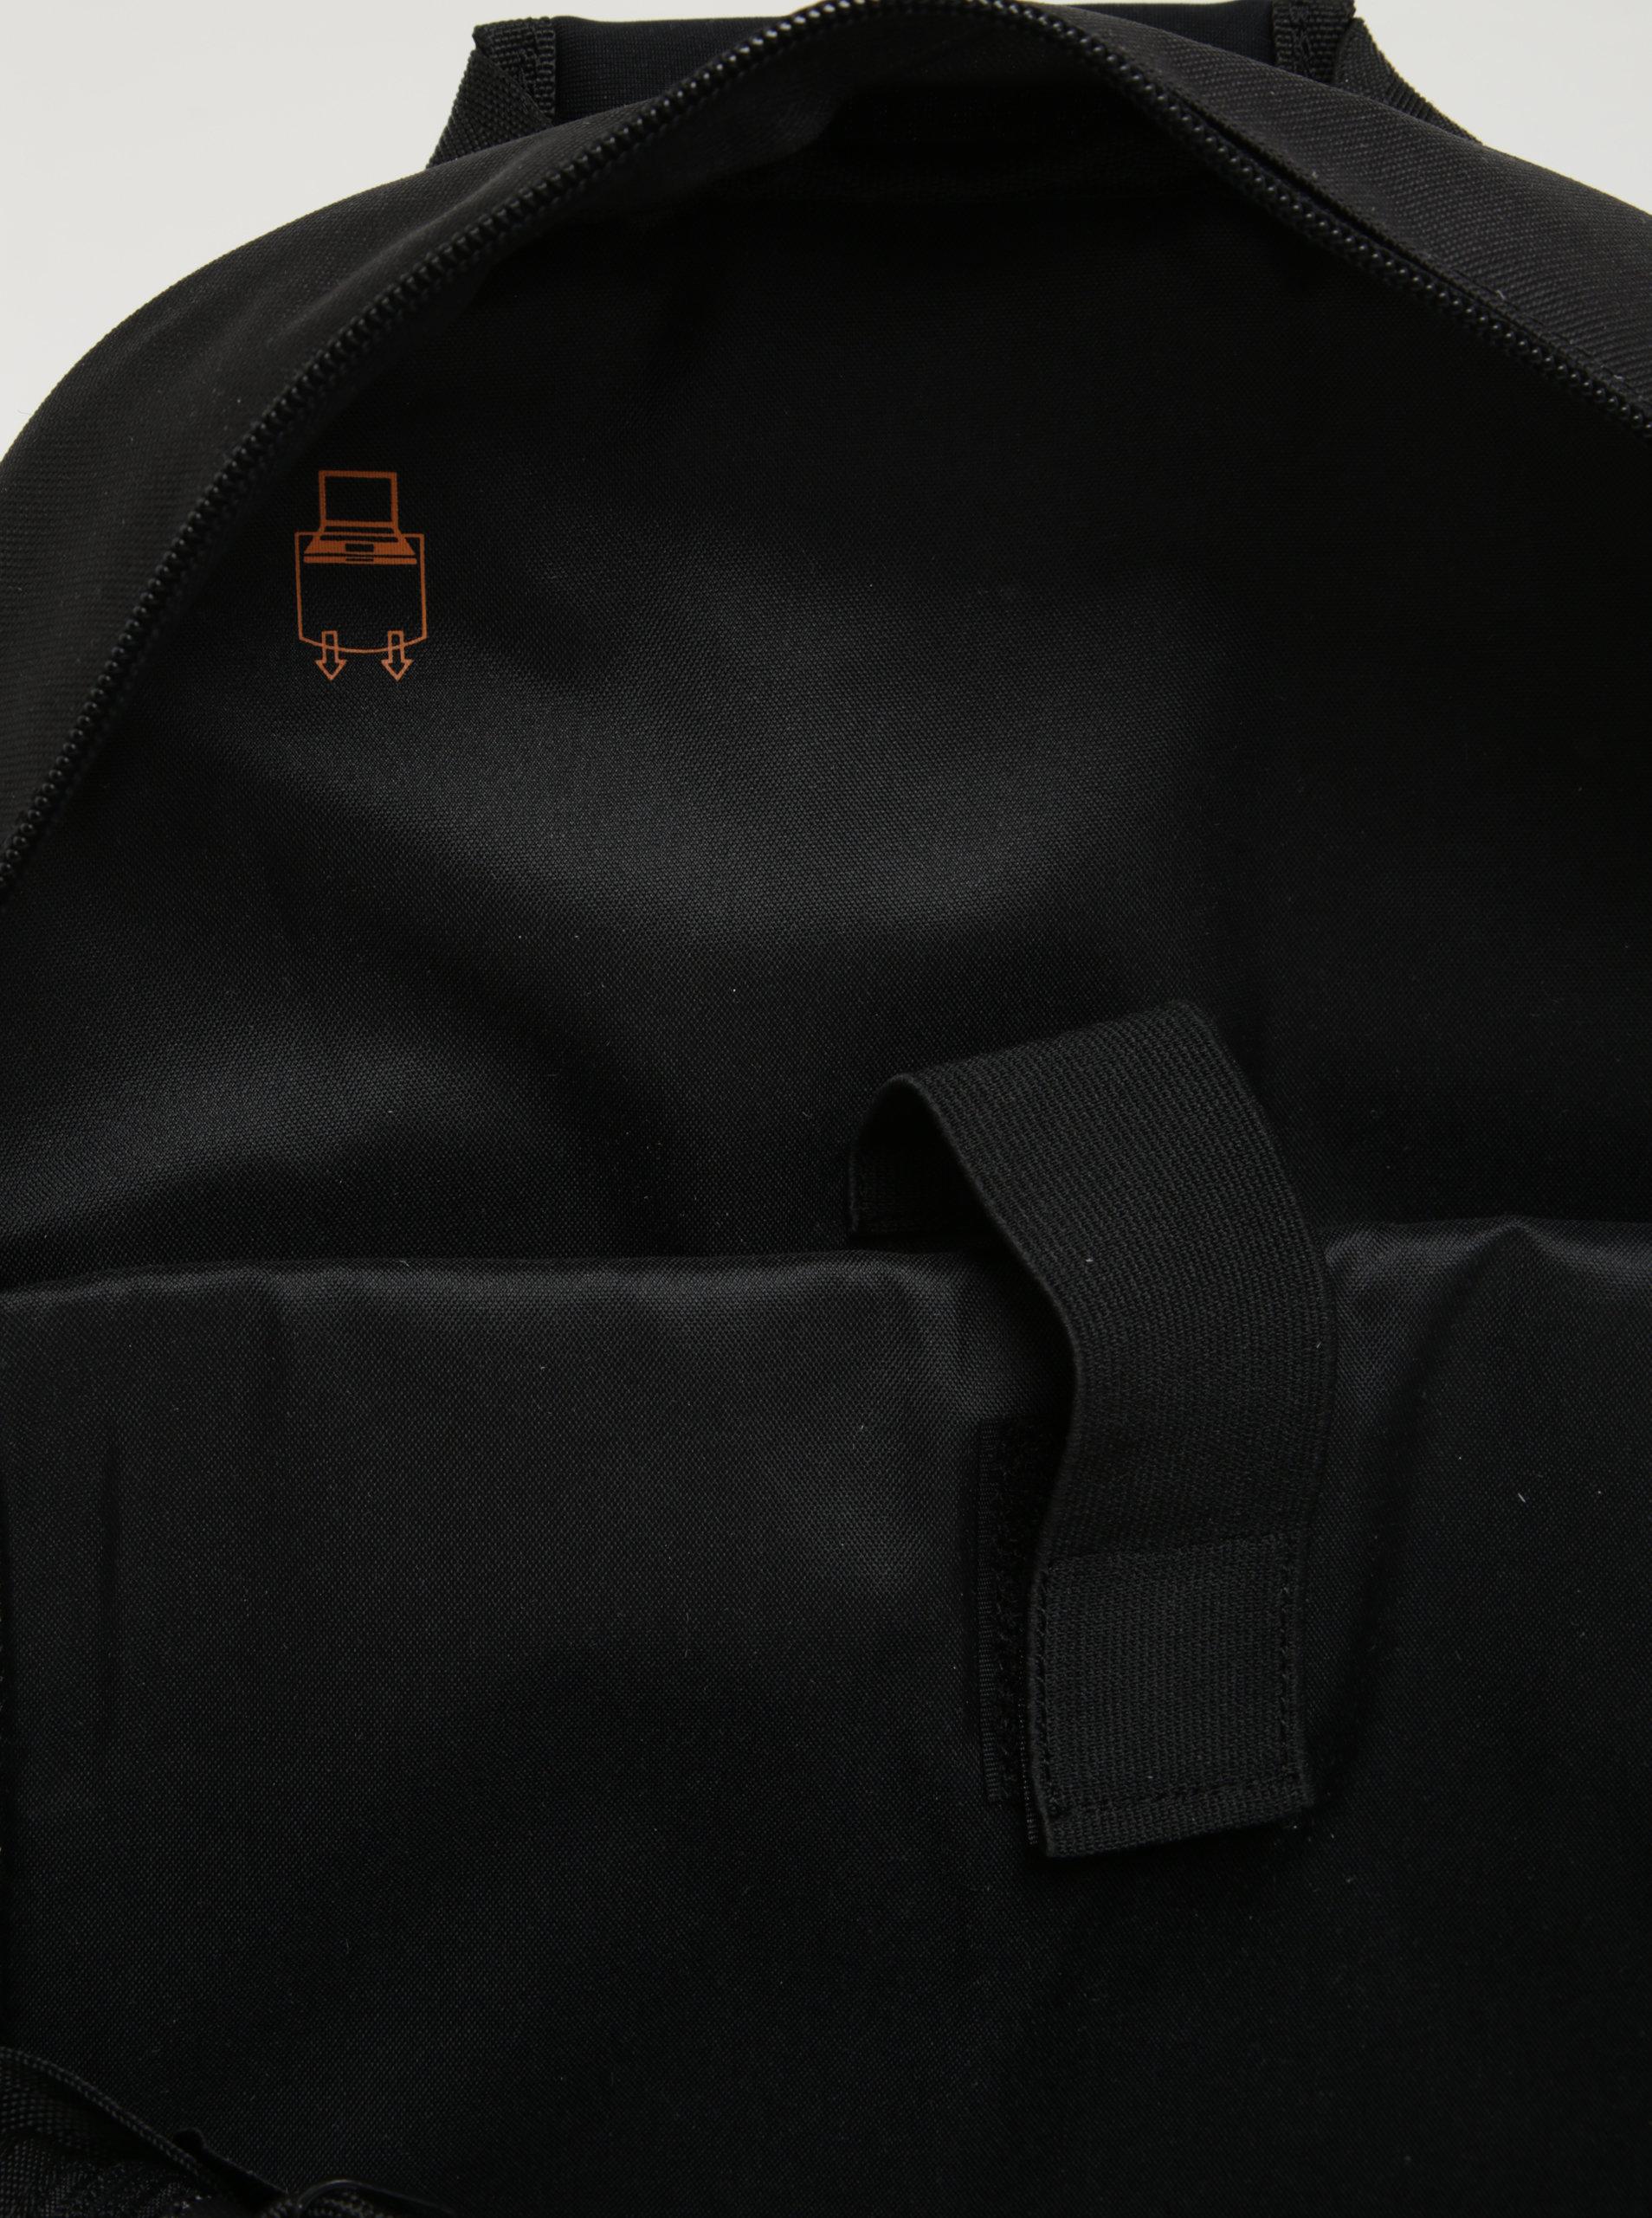 e2f6cc5a37 Čierny batoh s logom Superdry Mono 21 l ...